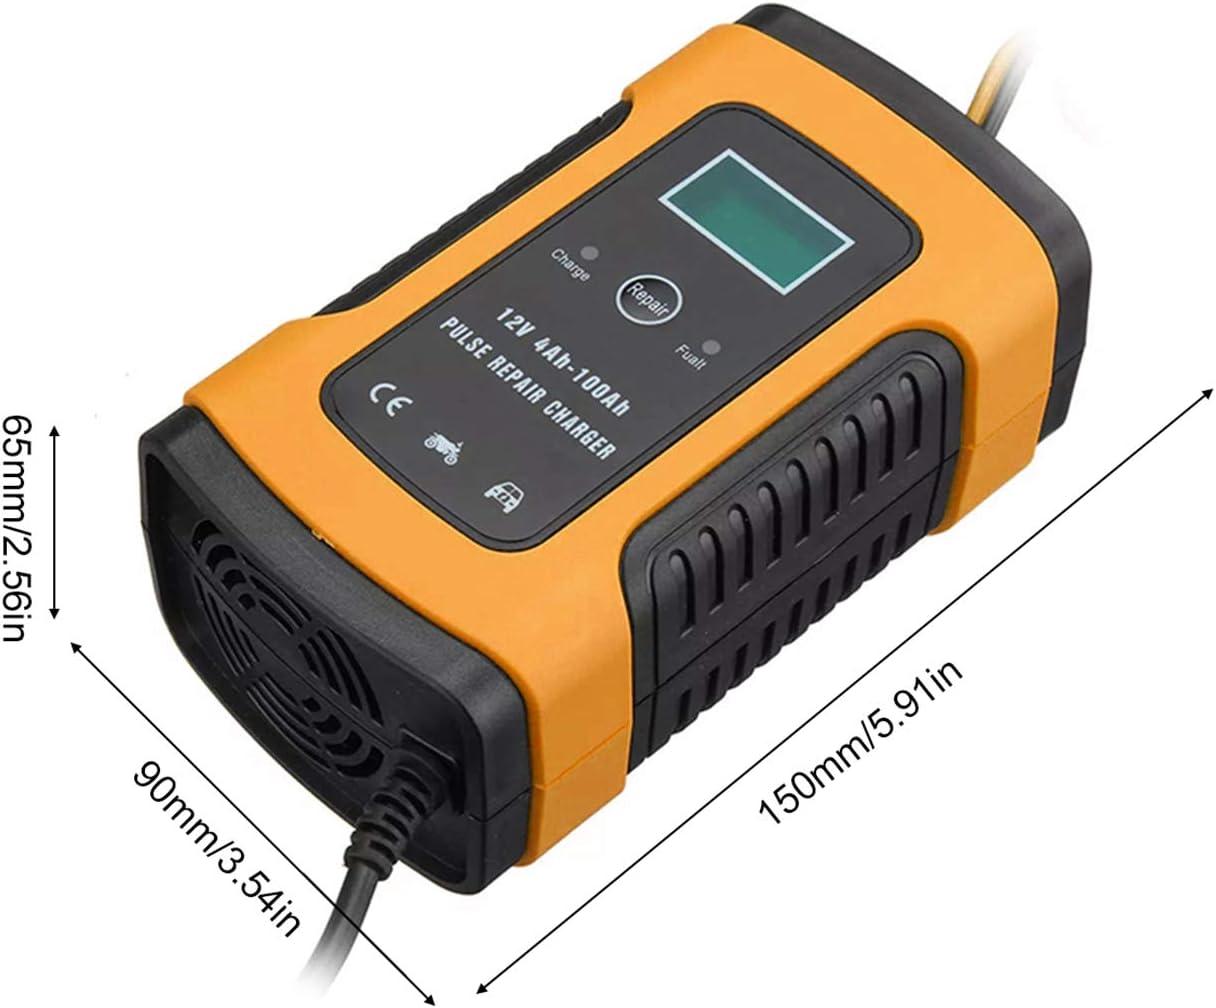 Kecheer 12V 6A Cargador de bater/ía para autom/óvil completamente autom/ático Carga inteligente de energ/ía r/ápida Cargador de reparaci/ón de pulso Cargadores de bater/ía de plomo seco y h/úmedo Cargador de